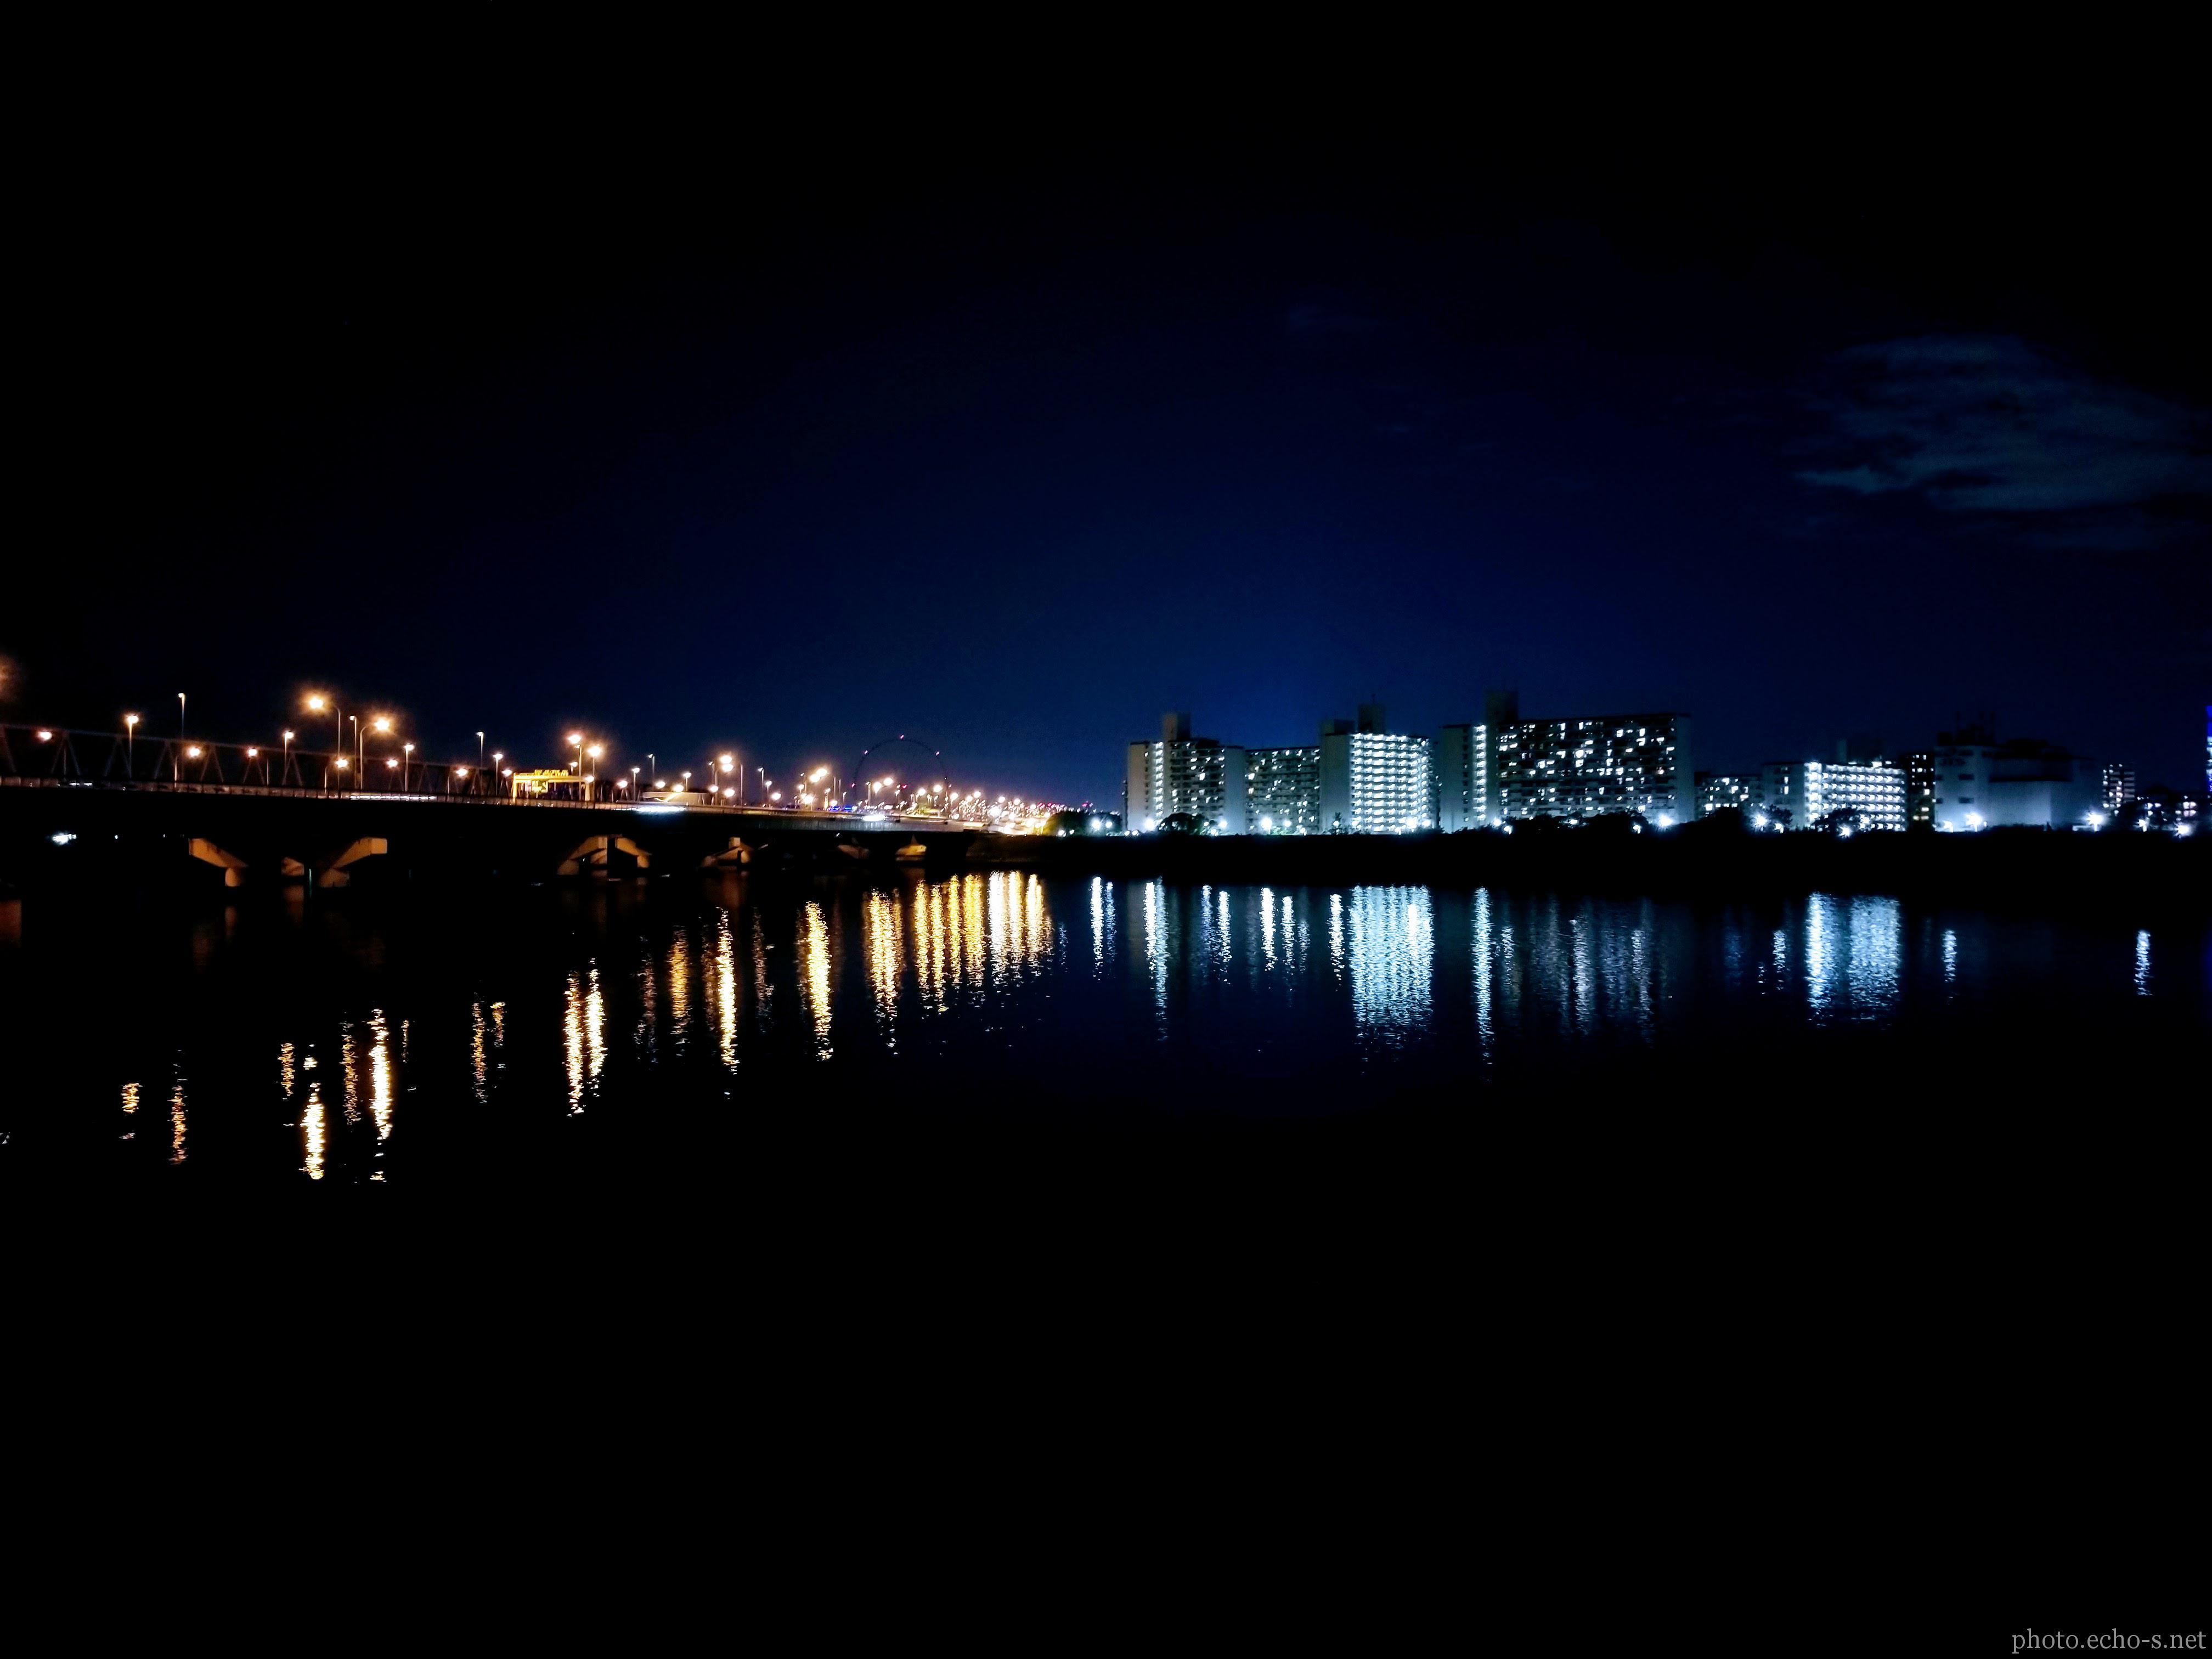 舞浜 旧江戸川 舞浜大橋 河川敷 夜